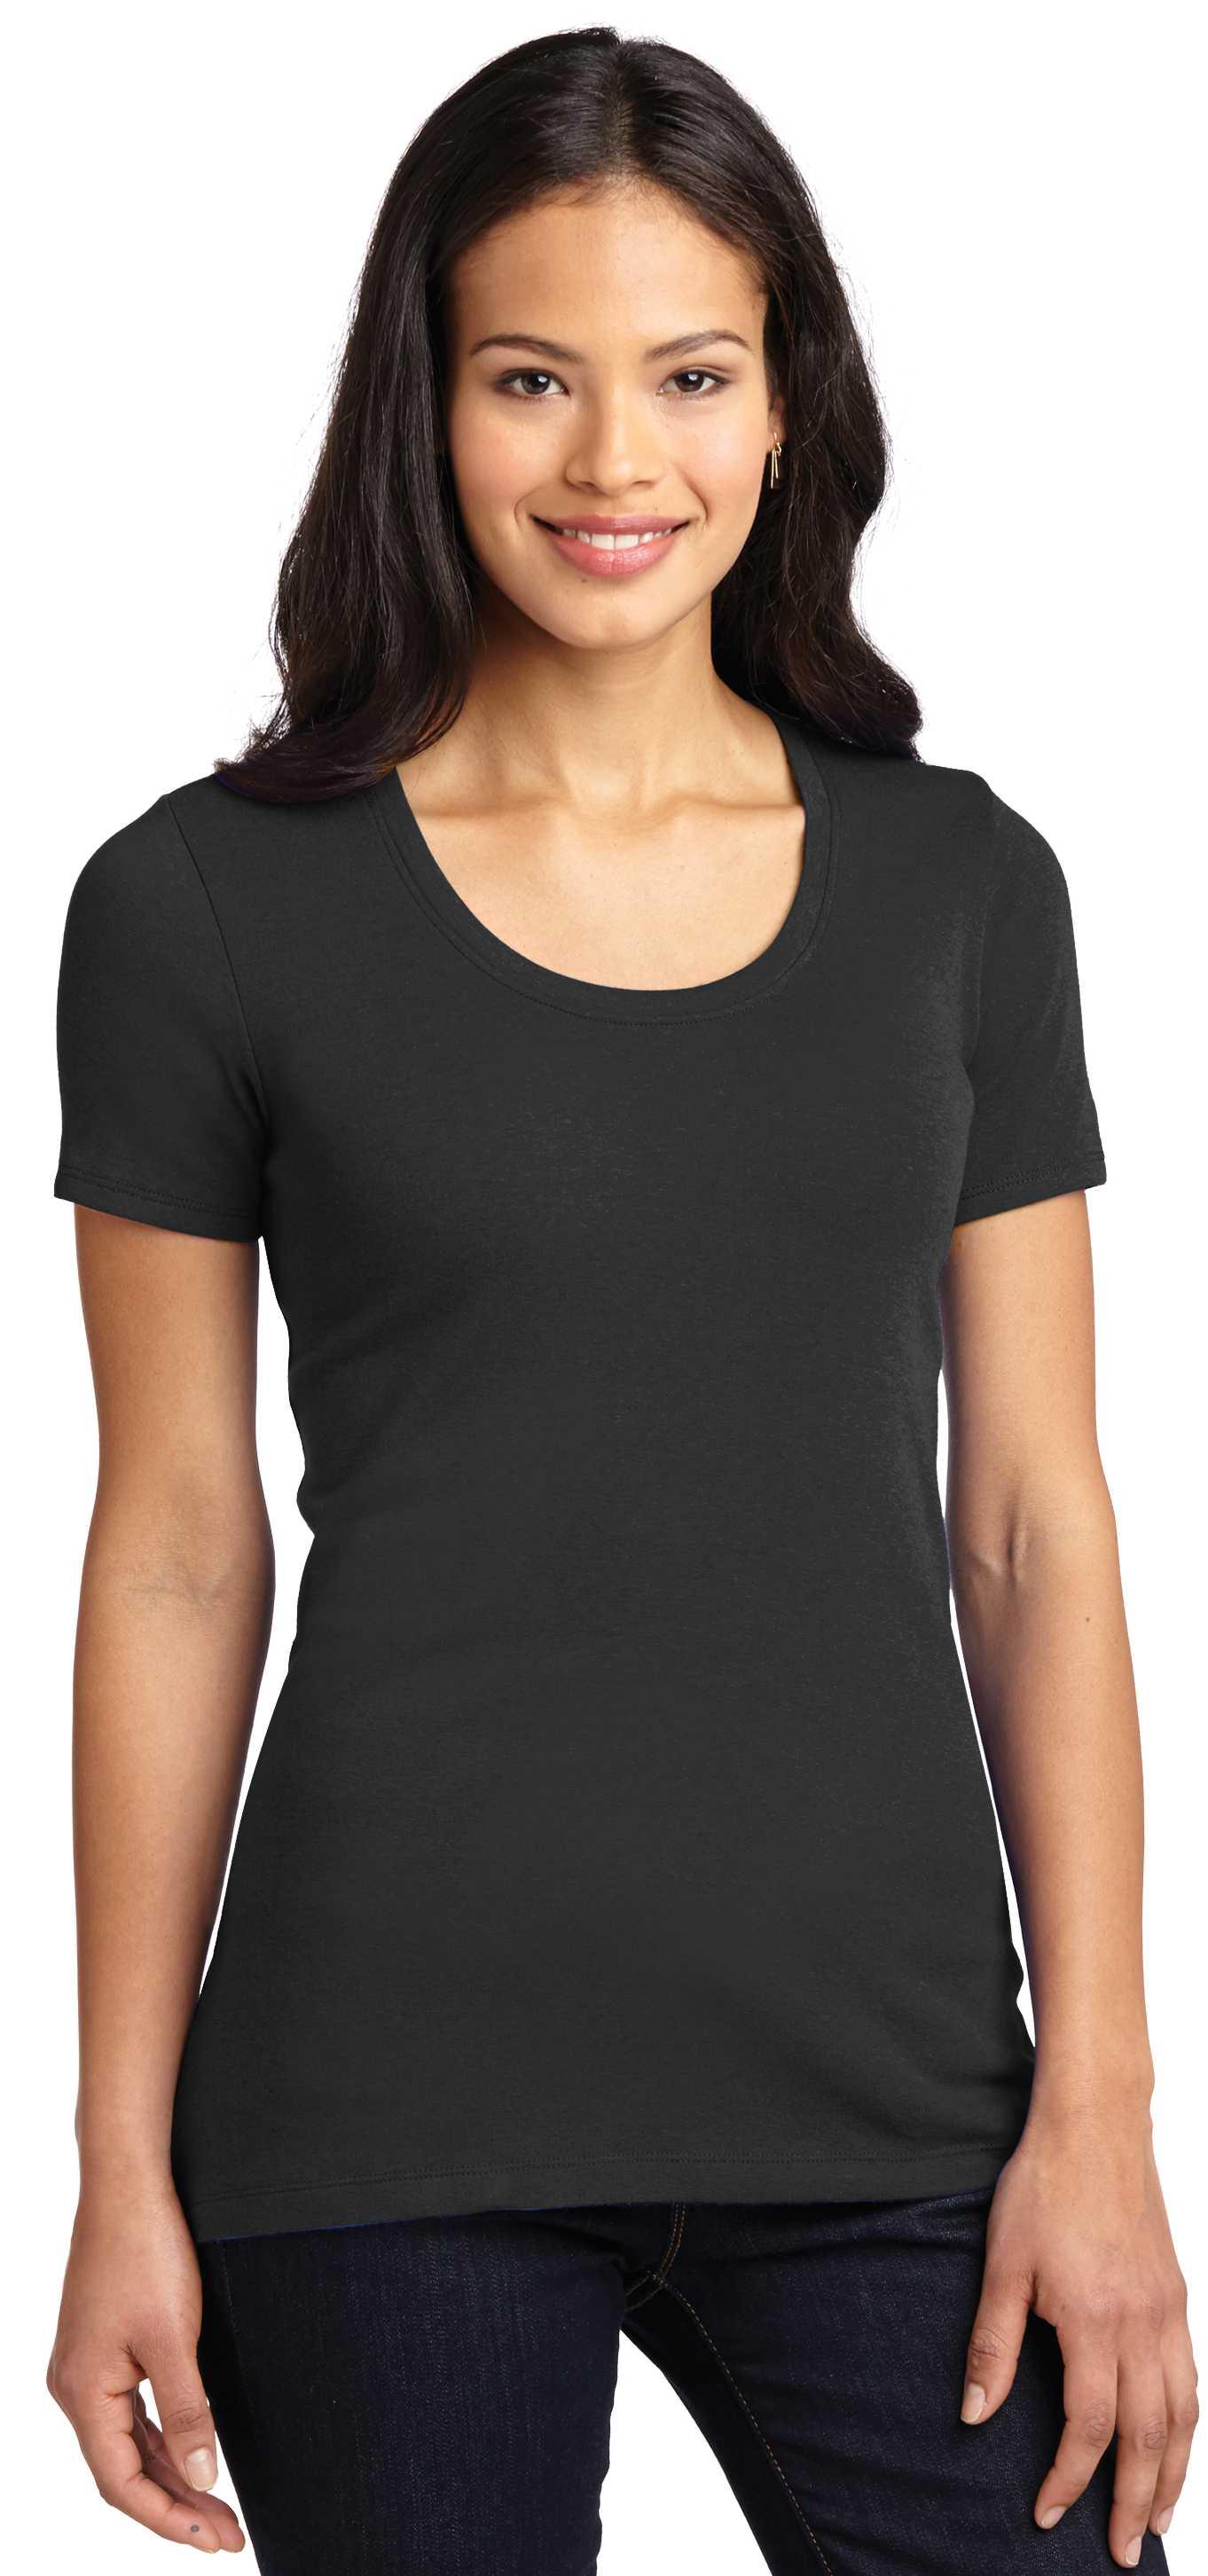 lm1006-scoop-neck-short-sleeve-black.jpg